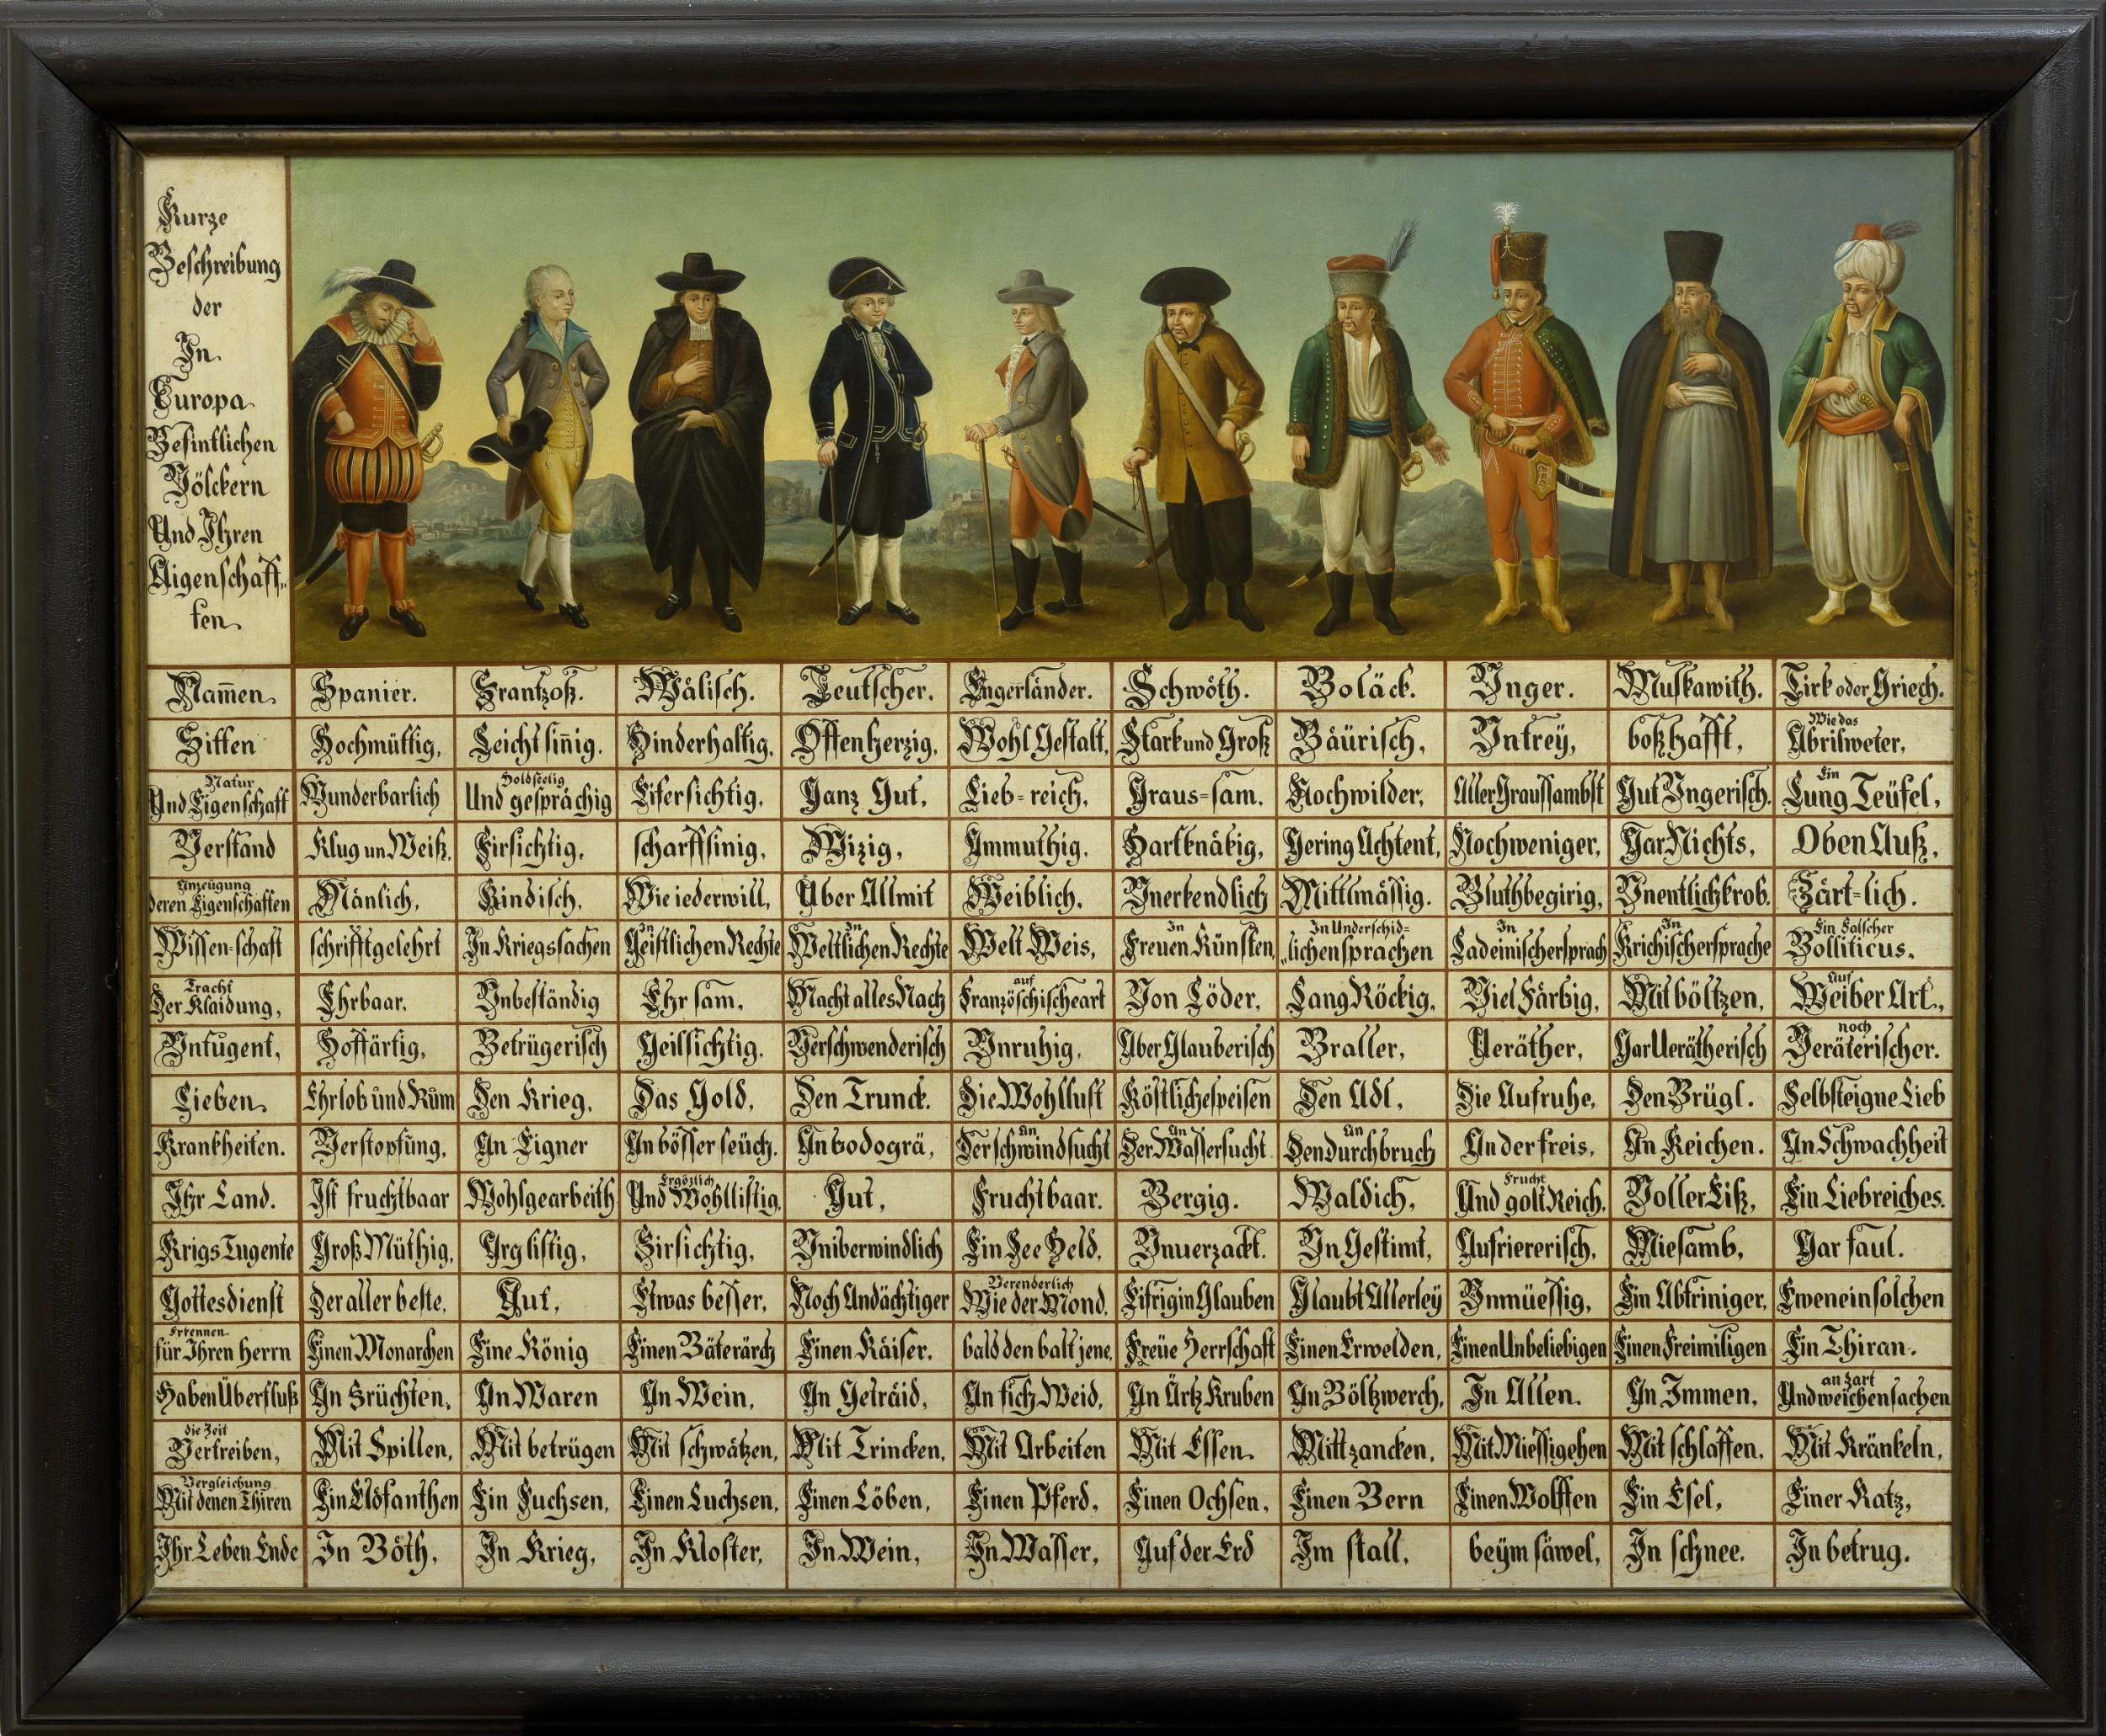 """Die Abbildung zeigt das Objekt """"Völkertafel"""" aus den Sammlungen des Volkskundemuseum Wien. Die Völkertafel ist eine als Tabelle angelegte vergleichende Übersicht von 10 sogenannten Völkern (zeitgenössisch """"Spanier"""", """"Frantzoß"""", """"Wælisch"""", """"Teutscher"""", """"Engerländer"""", """"Schwöth"""", """"Boläck"""", """"Unger"""", """"Muskawith"""" und """"Tirk"""" oder """"Grich"""") und ihren jeweiligen Zuschreibungen in unterschiedlichen Bereichen (zum Beispiel Sitten, Natur, Eigenschaften, Verstand, Lieben, Krankheiten, ...). Jedes """"Volk"""" wird in der obersten Zeile durch eine gemalte Figur versinnbildlicht."""